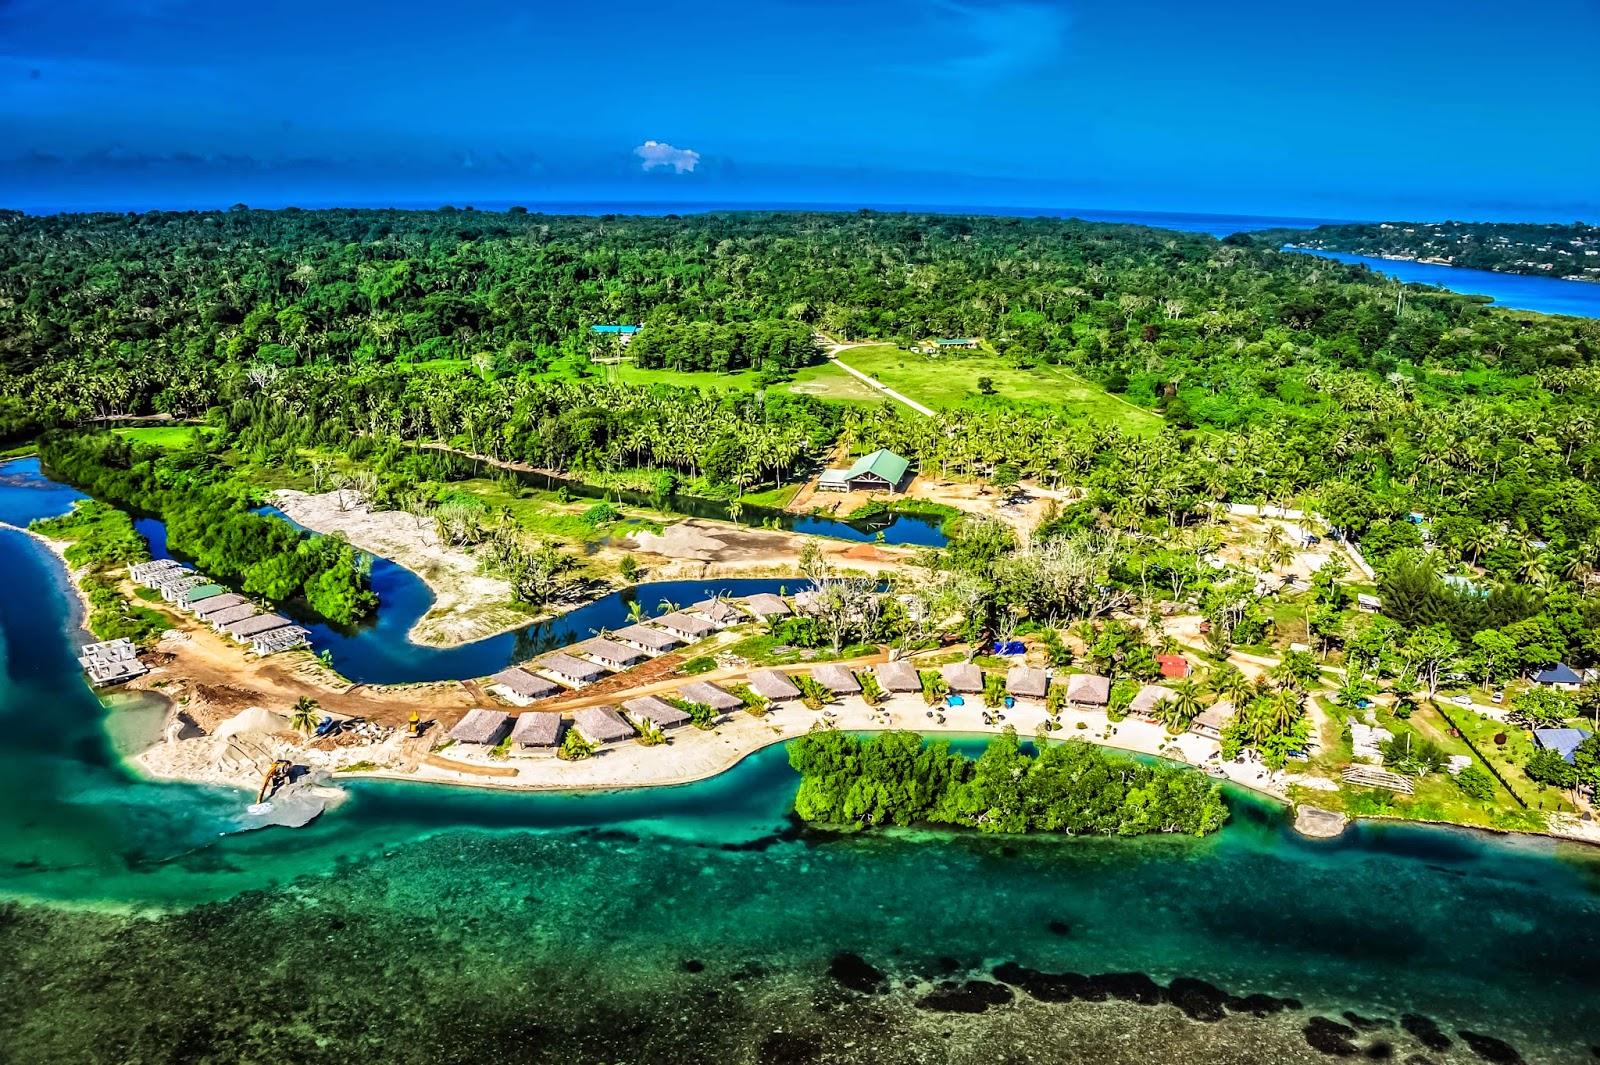 port vila tuvalu